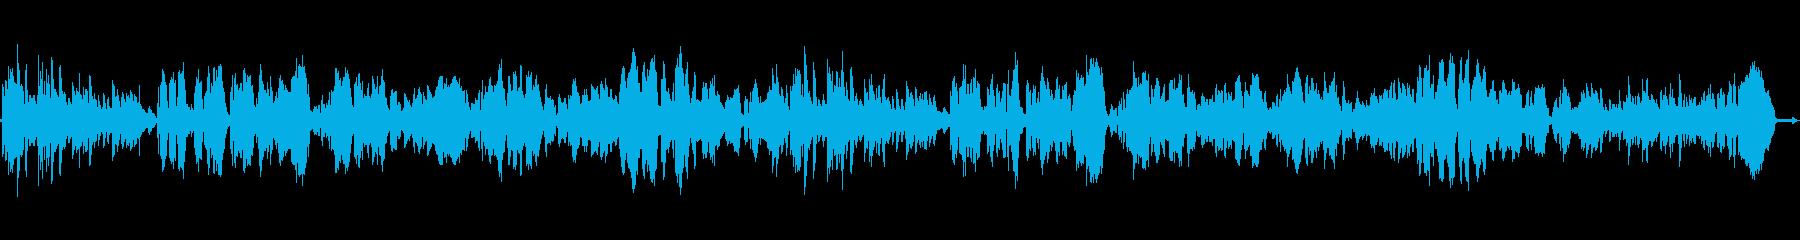 郷愁をそそる戦後復興ソングの再生済みの波形